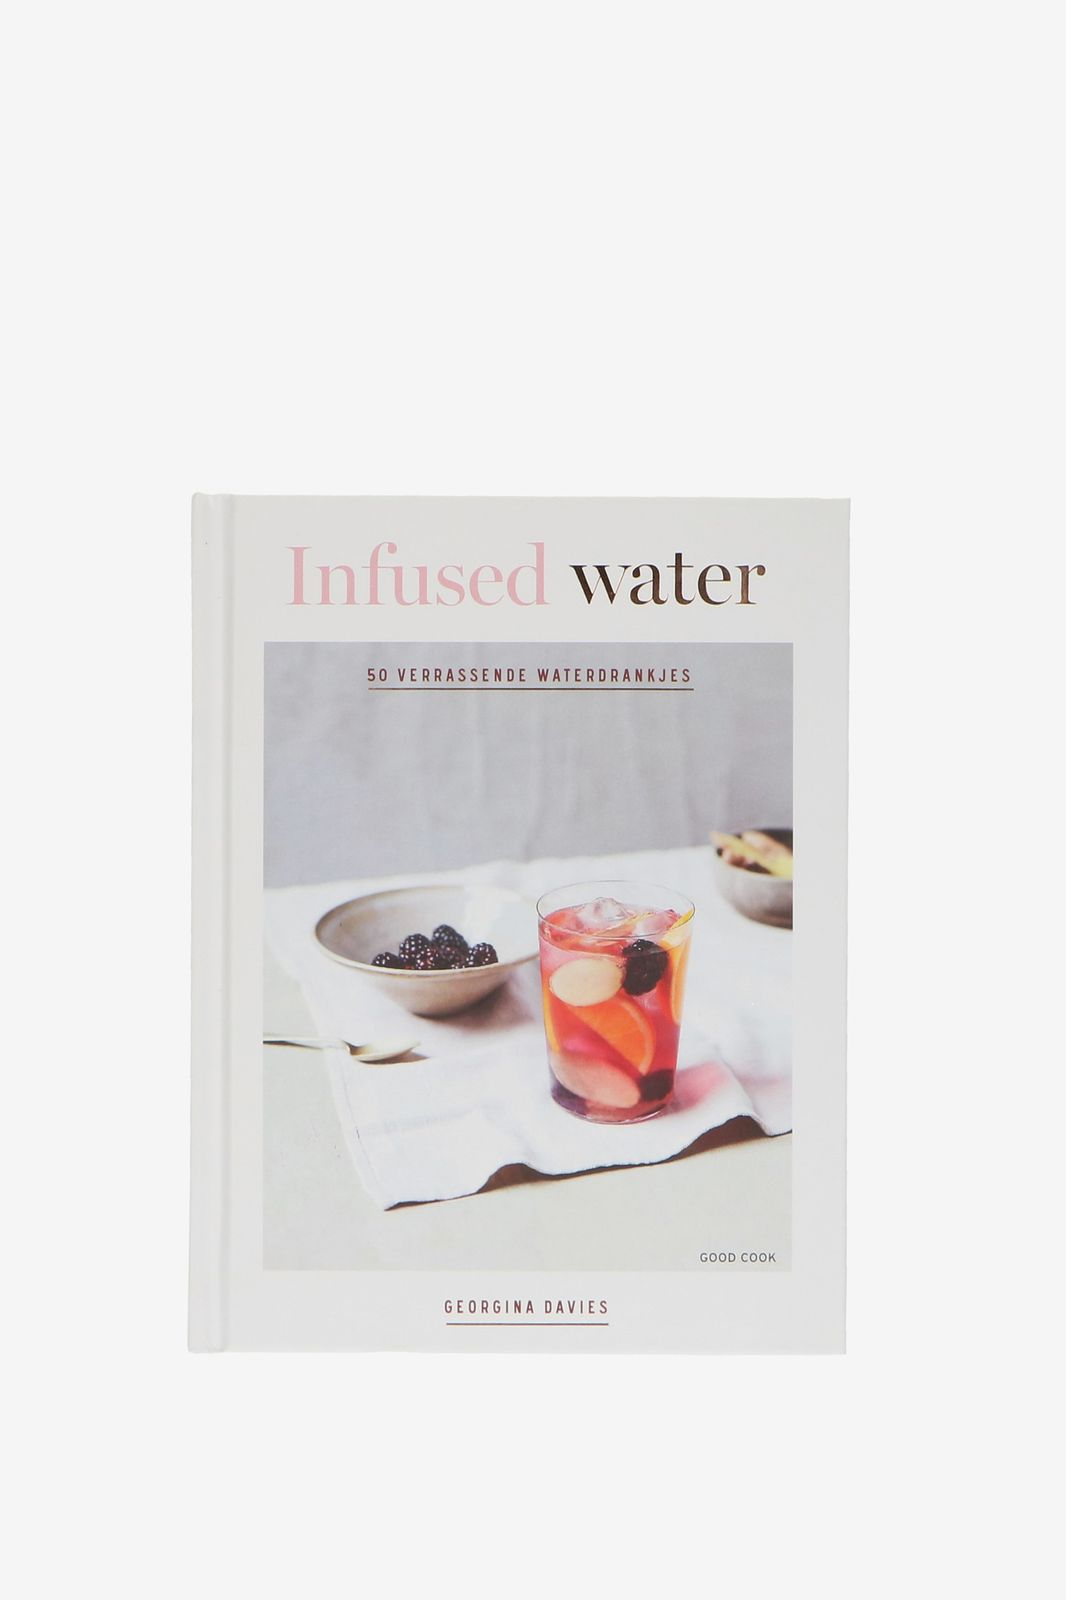 Boek infused water